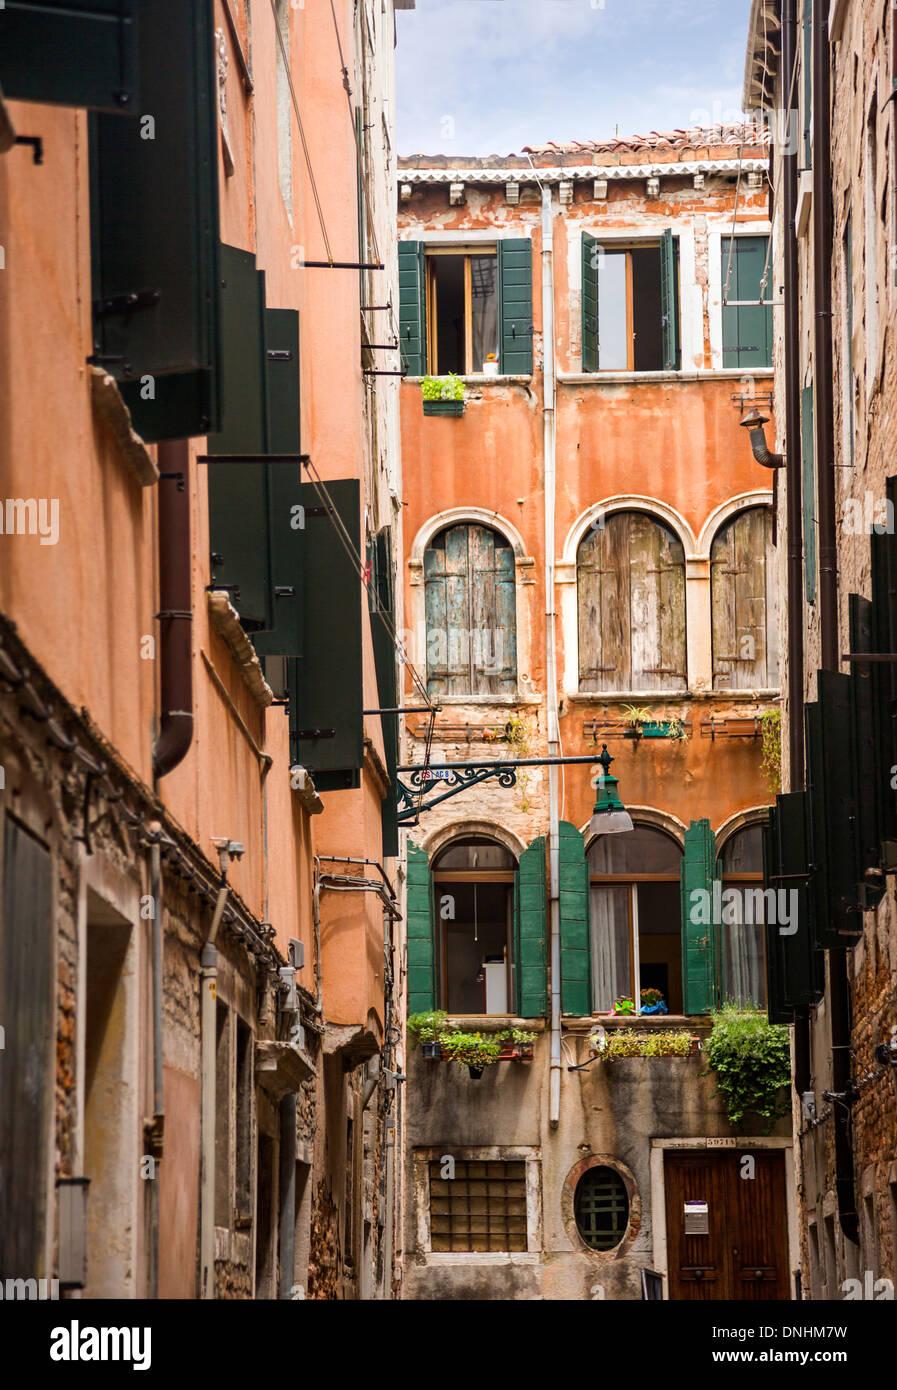 Altbauten, Venedig, Veneto, Italien Stockbild